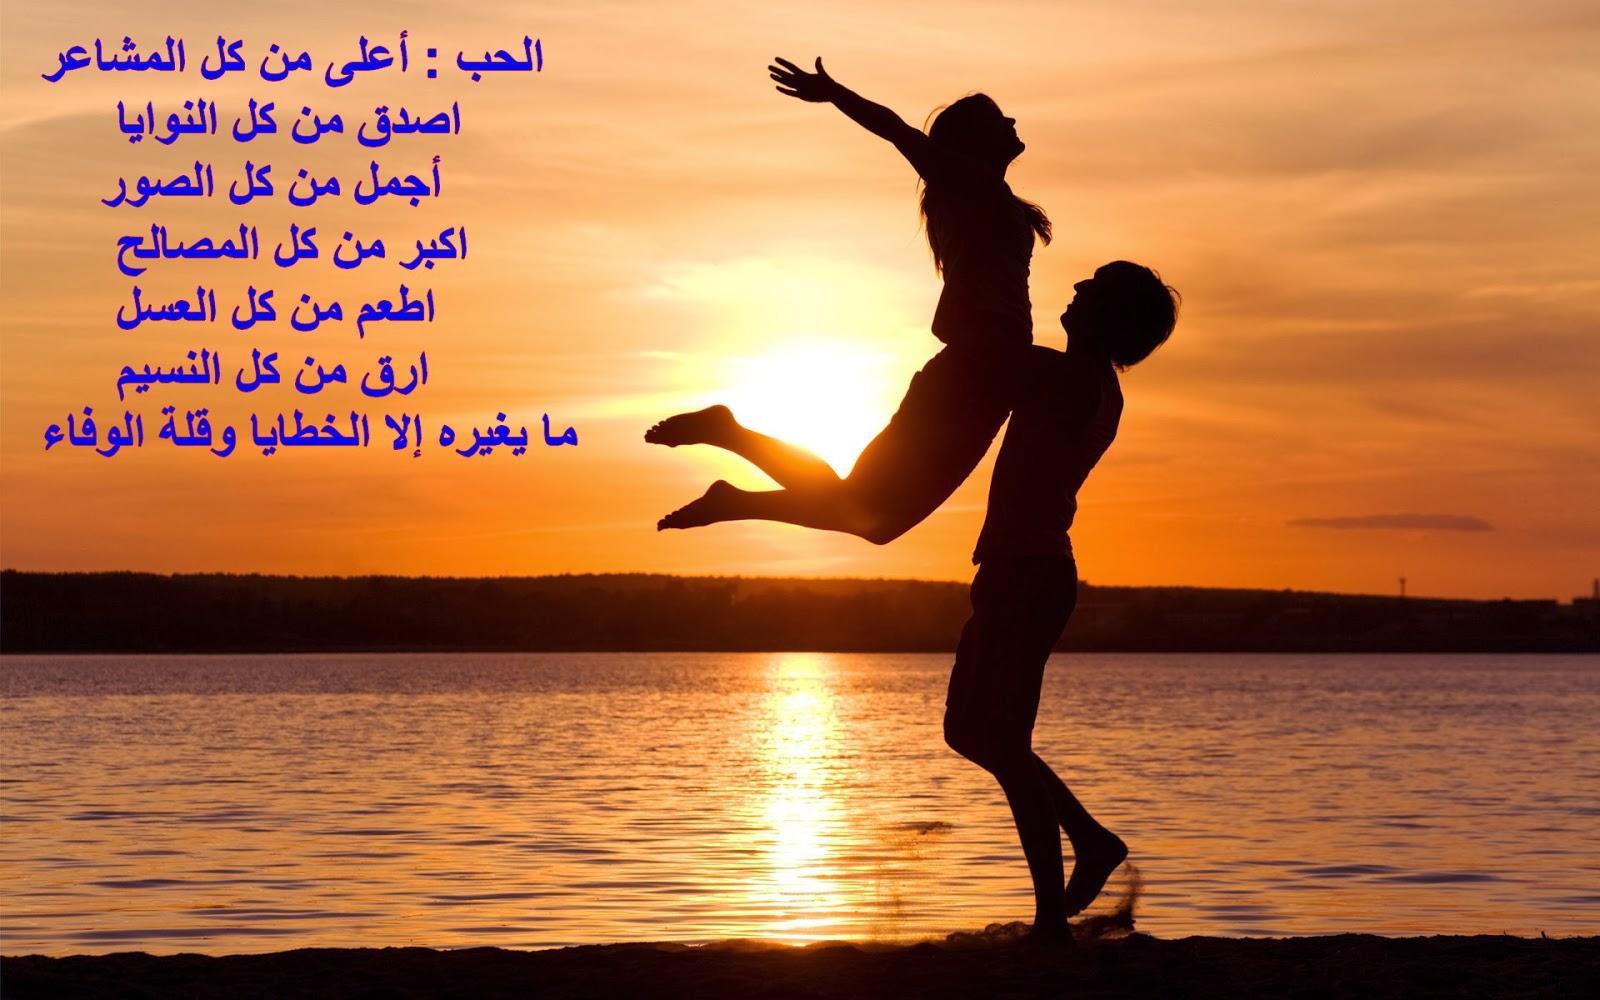 بالصور صور كلام حب , الحب وكلمات تغنى عن الف كتاب 6632 7